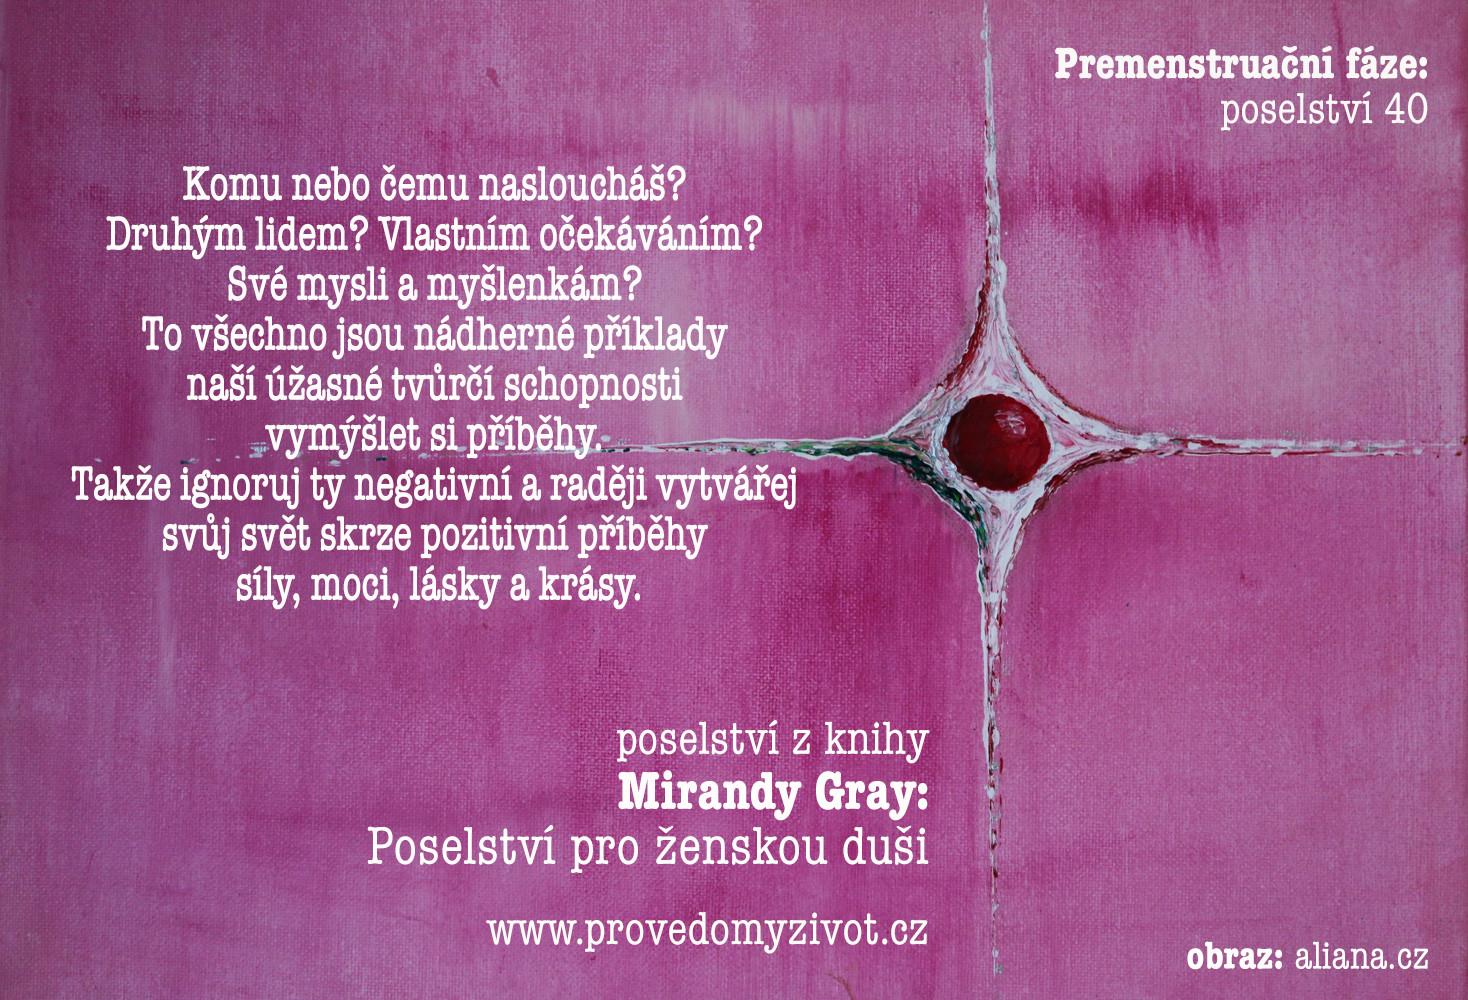 Poselství pro ženskou duši, premenstruační fáze